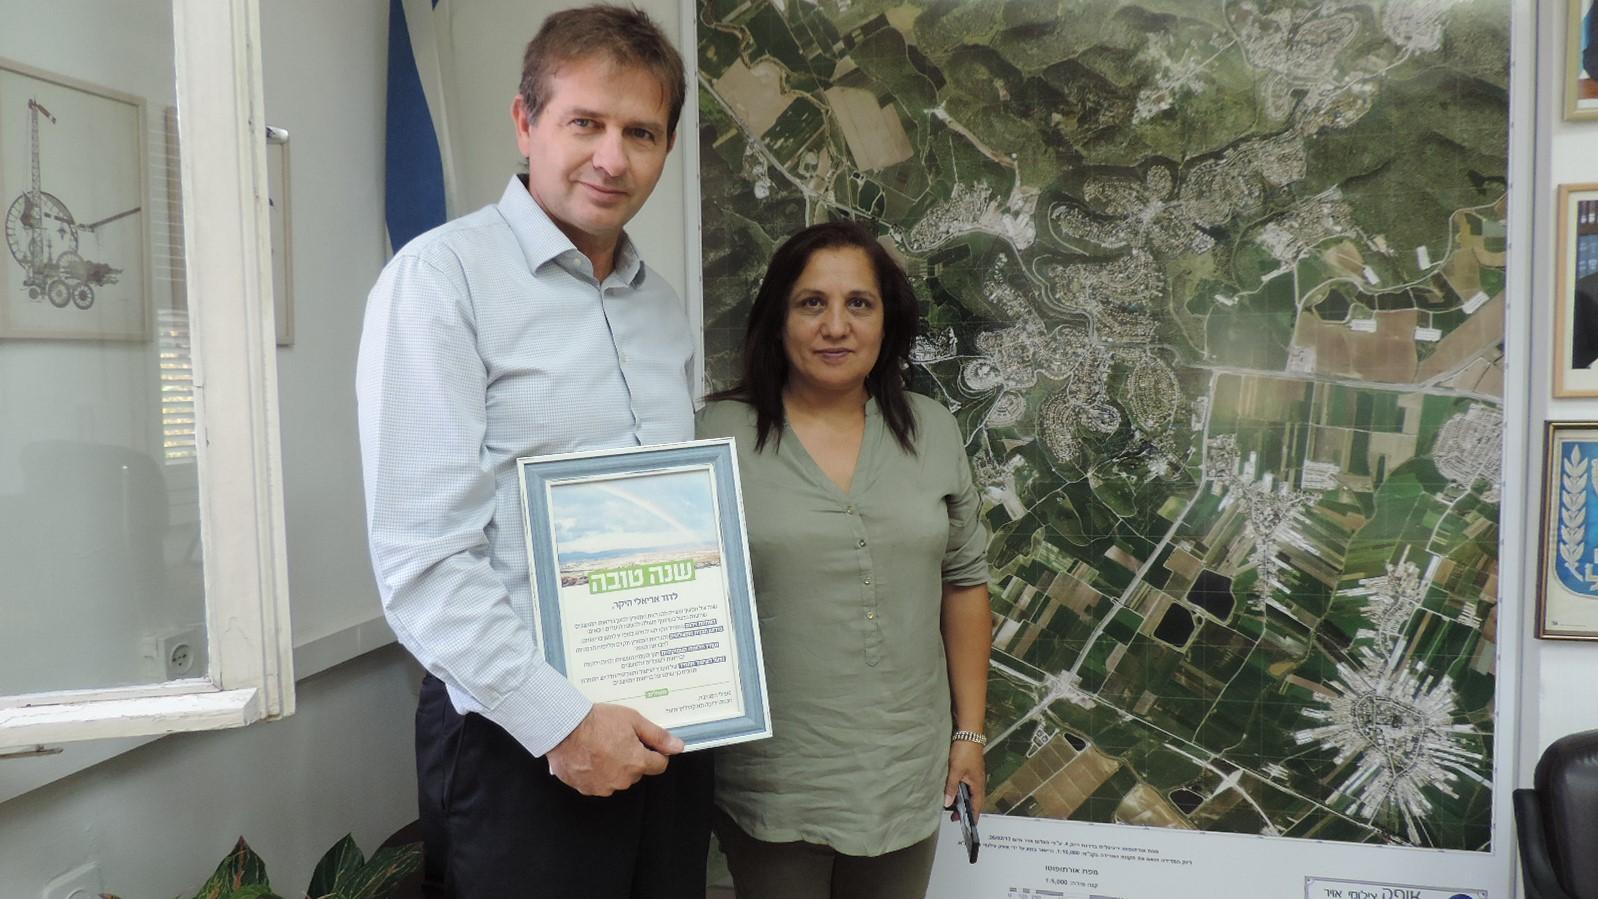 """עמותת """"מגמה ירוקה"""" העניקה תעודת הוקרה לראש המועצה דוד אריאלי"""